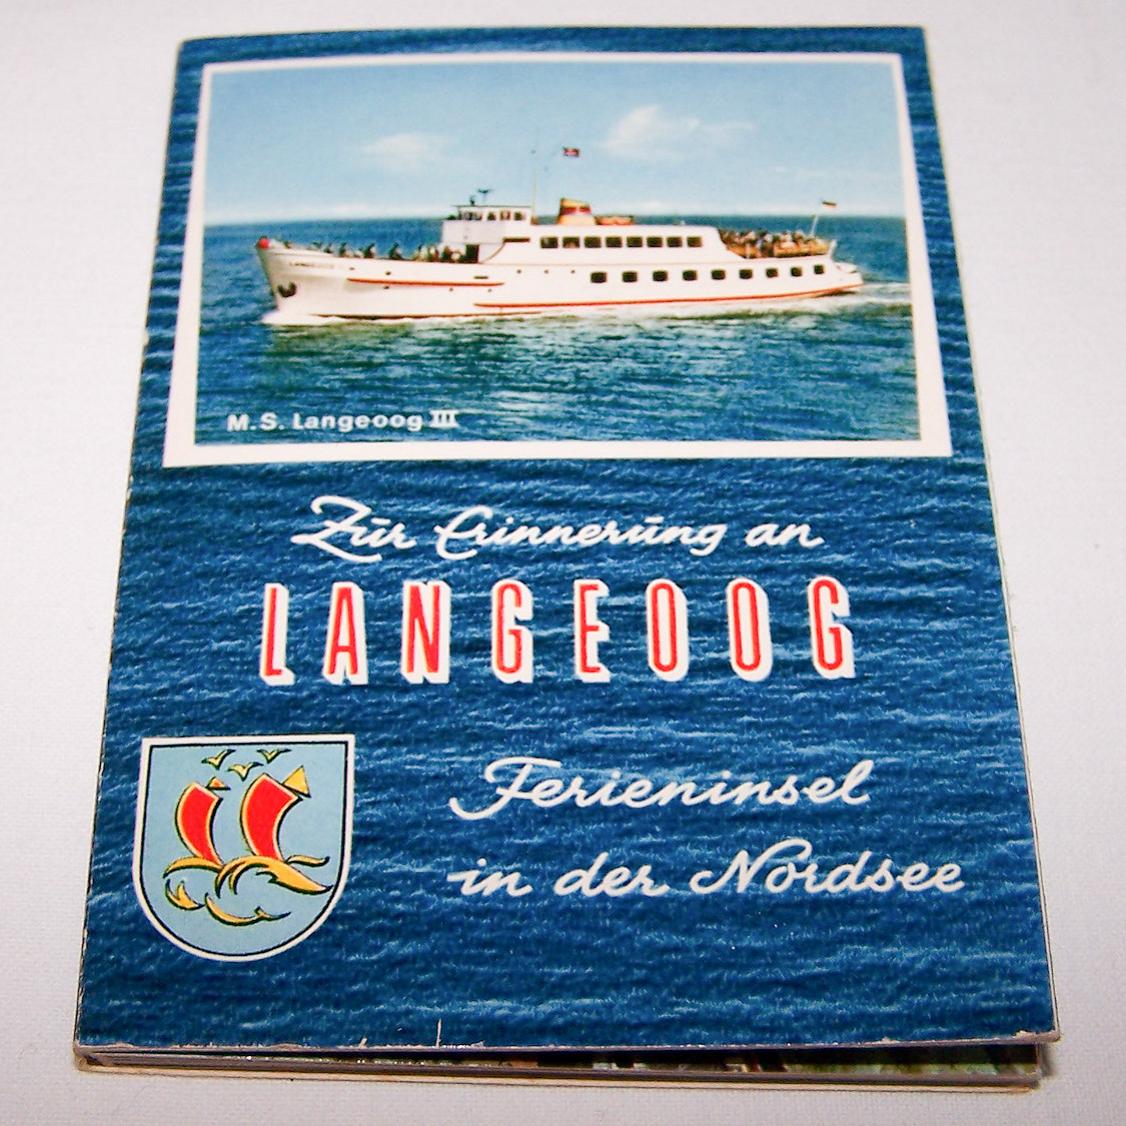 Souvenirs - Minifoto-Leporello von Langeoog